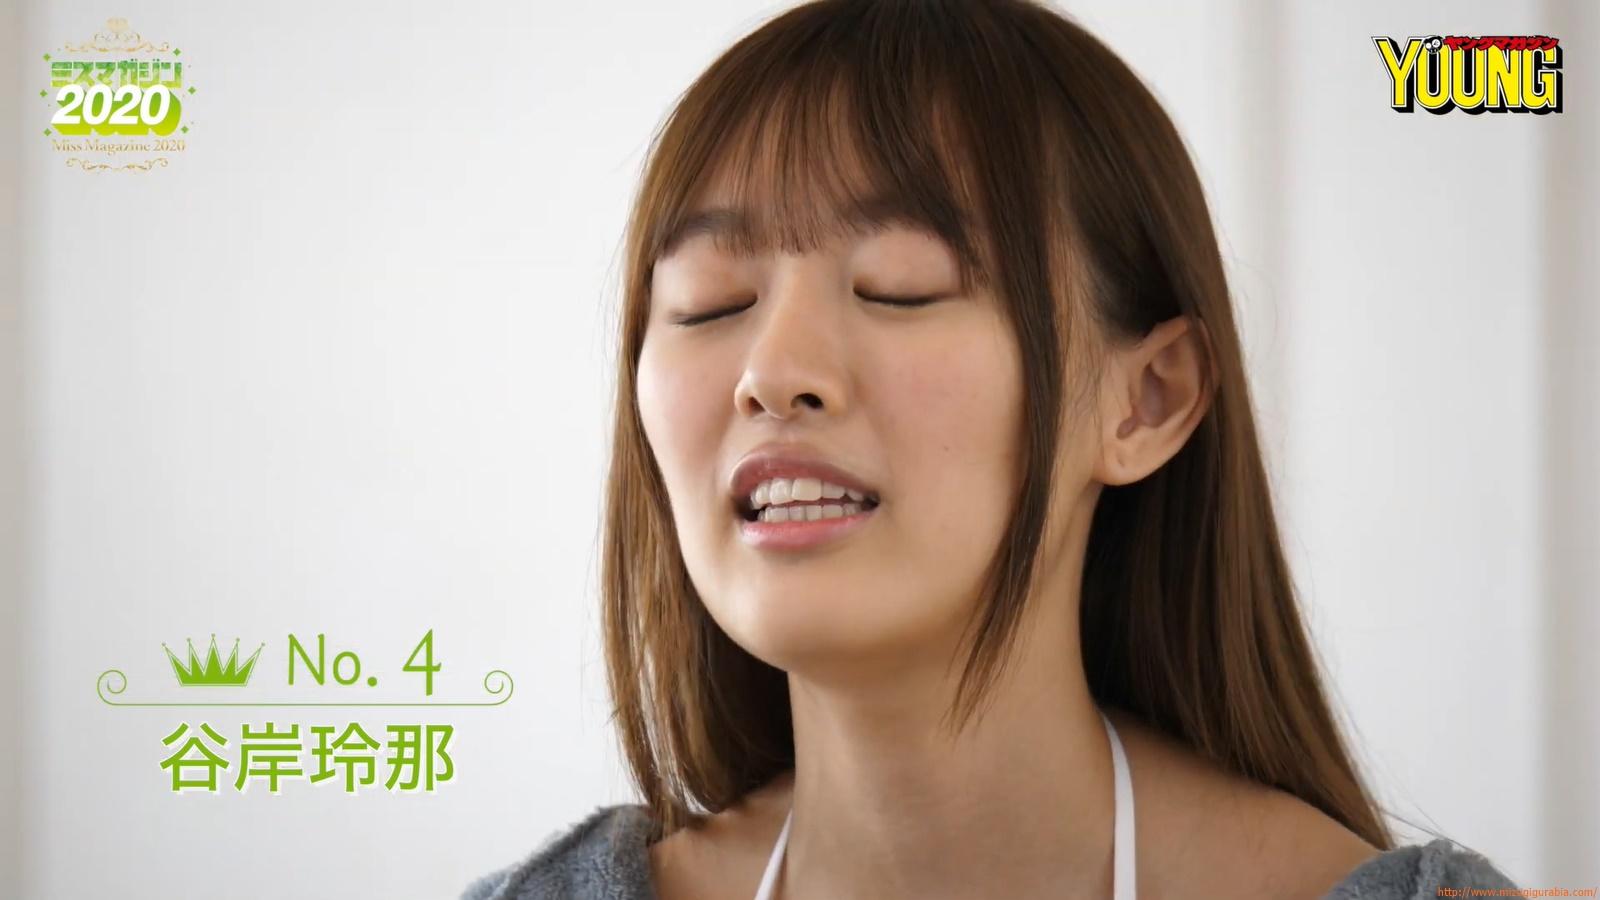 Miss Magazine 2020 Rena Tanegishi032